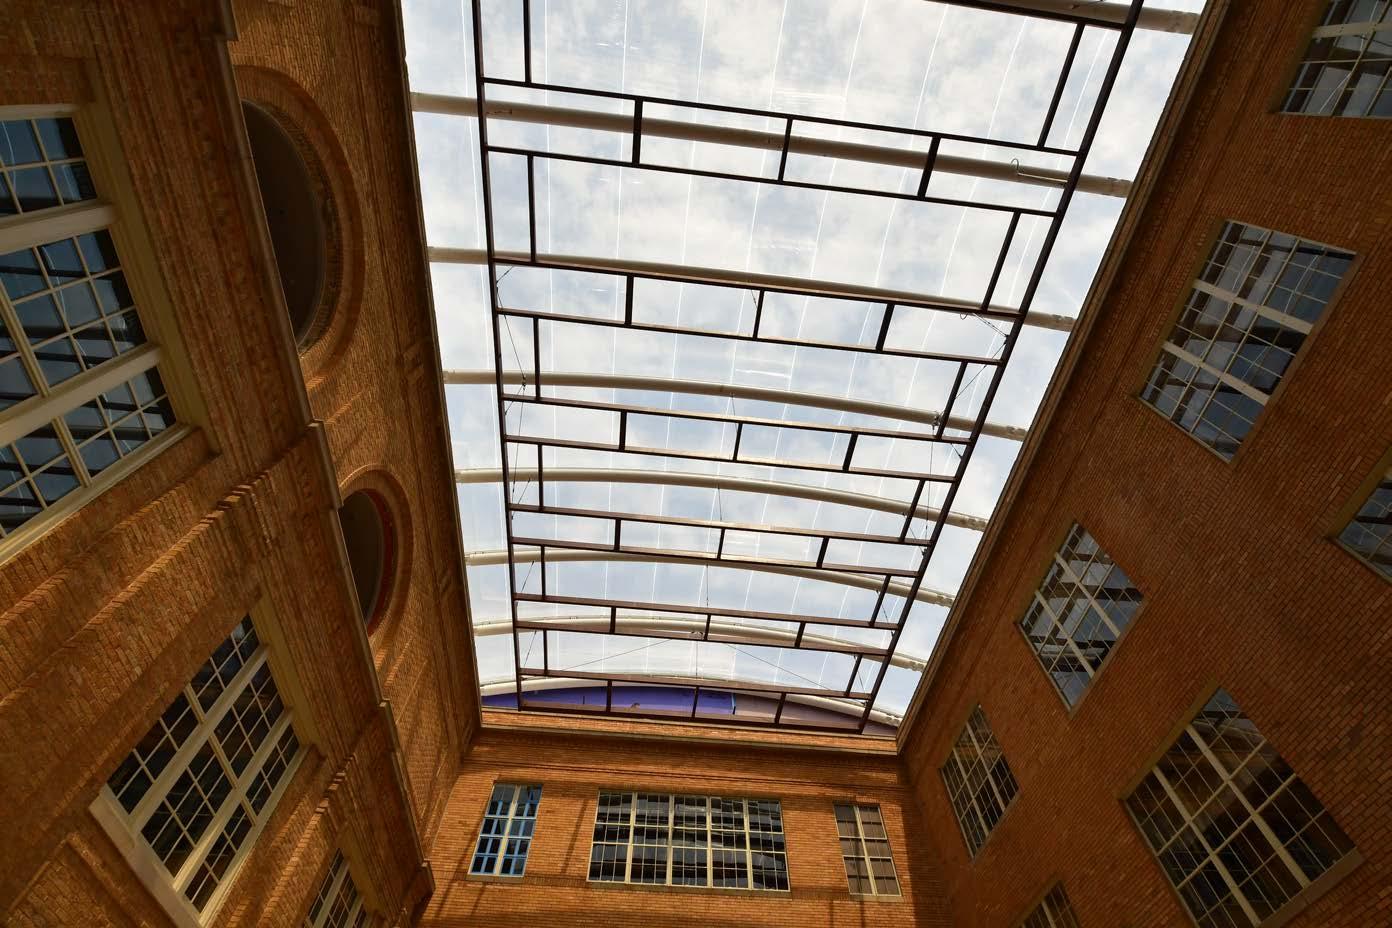 Rio Grande Campus new atrium roof system